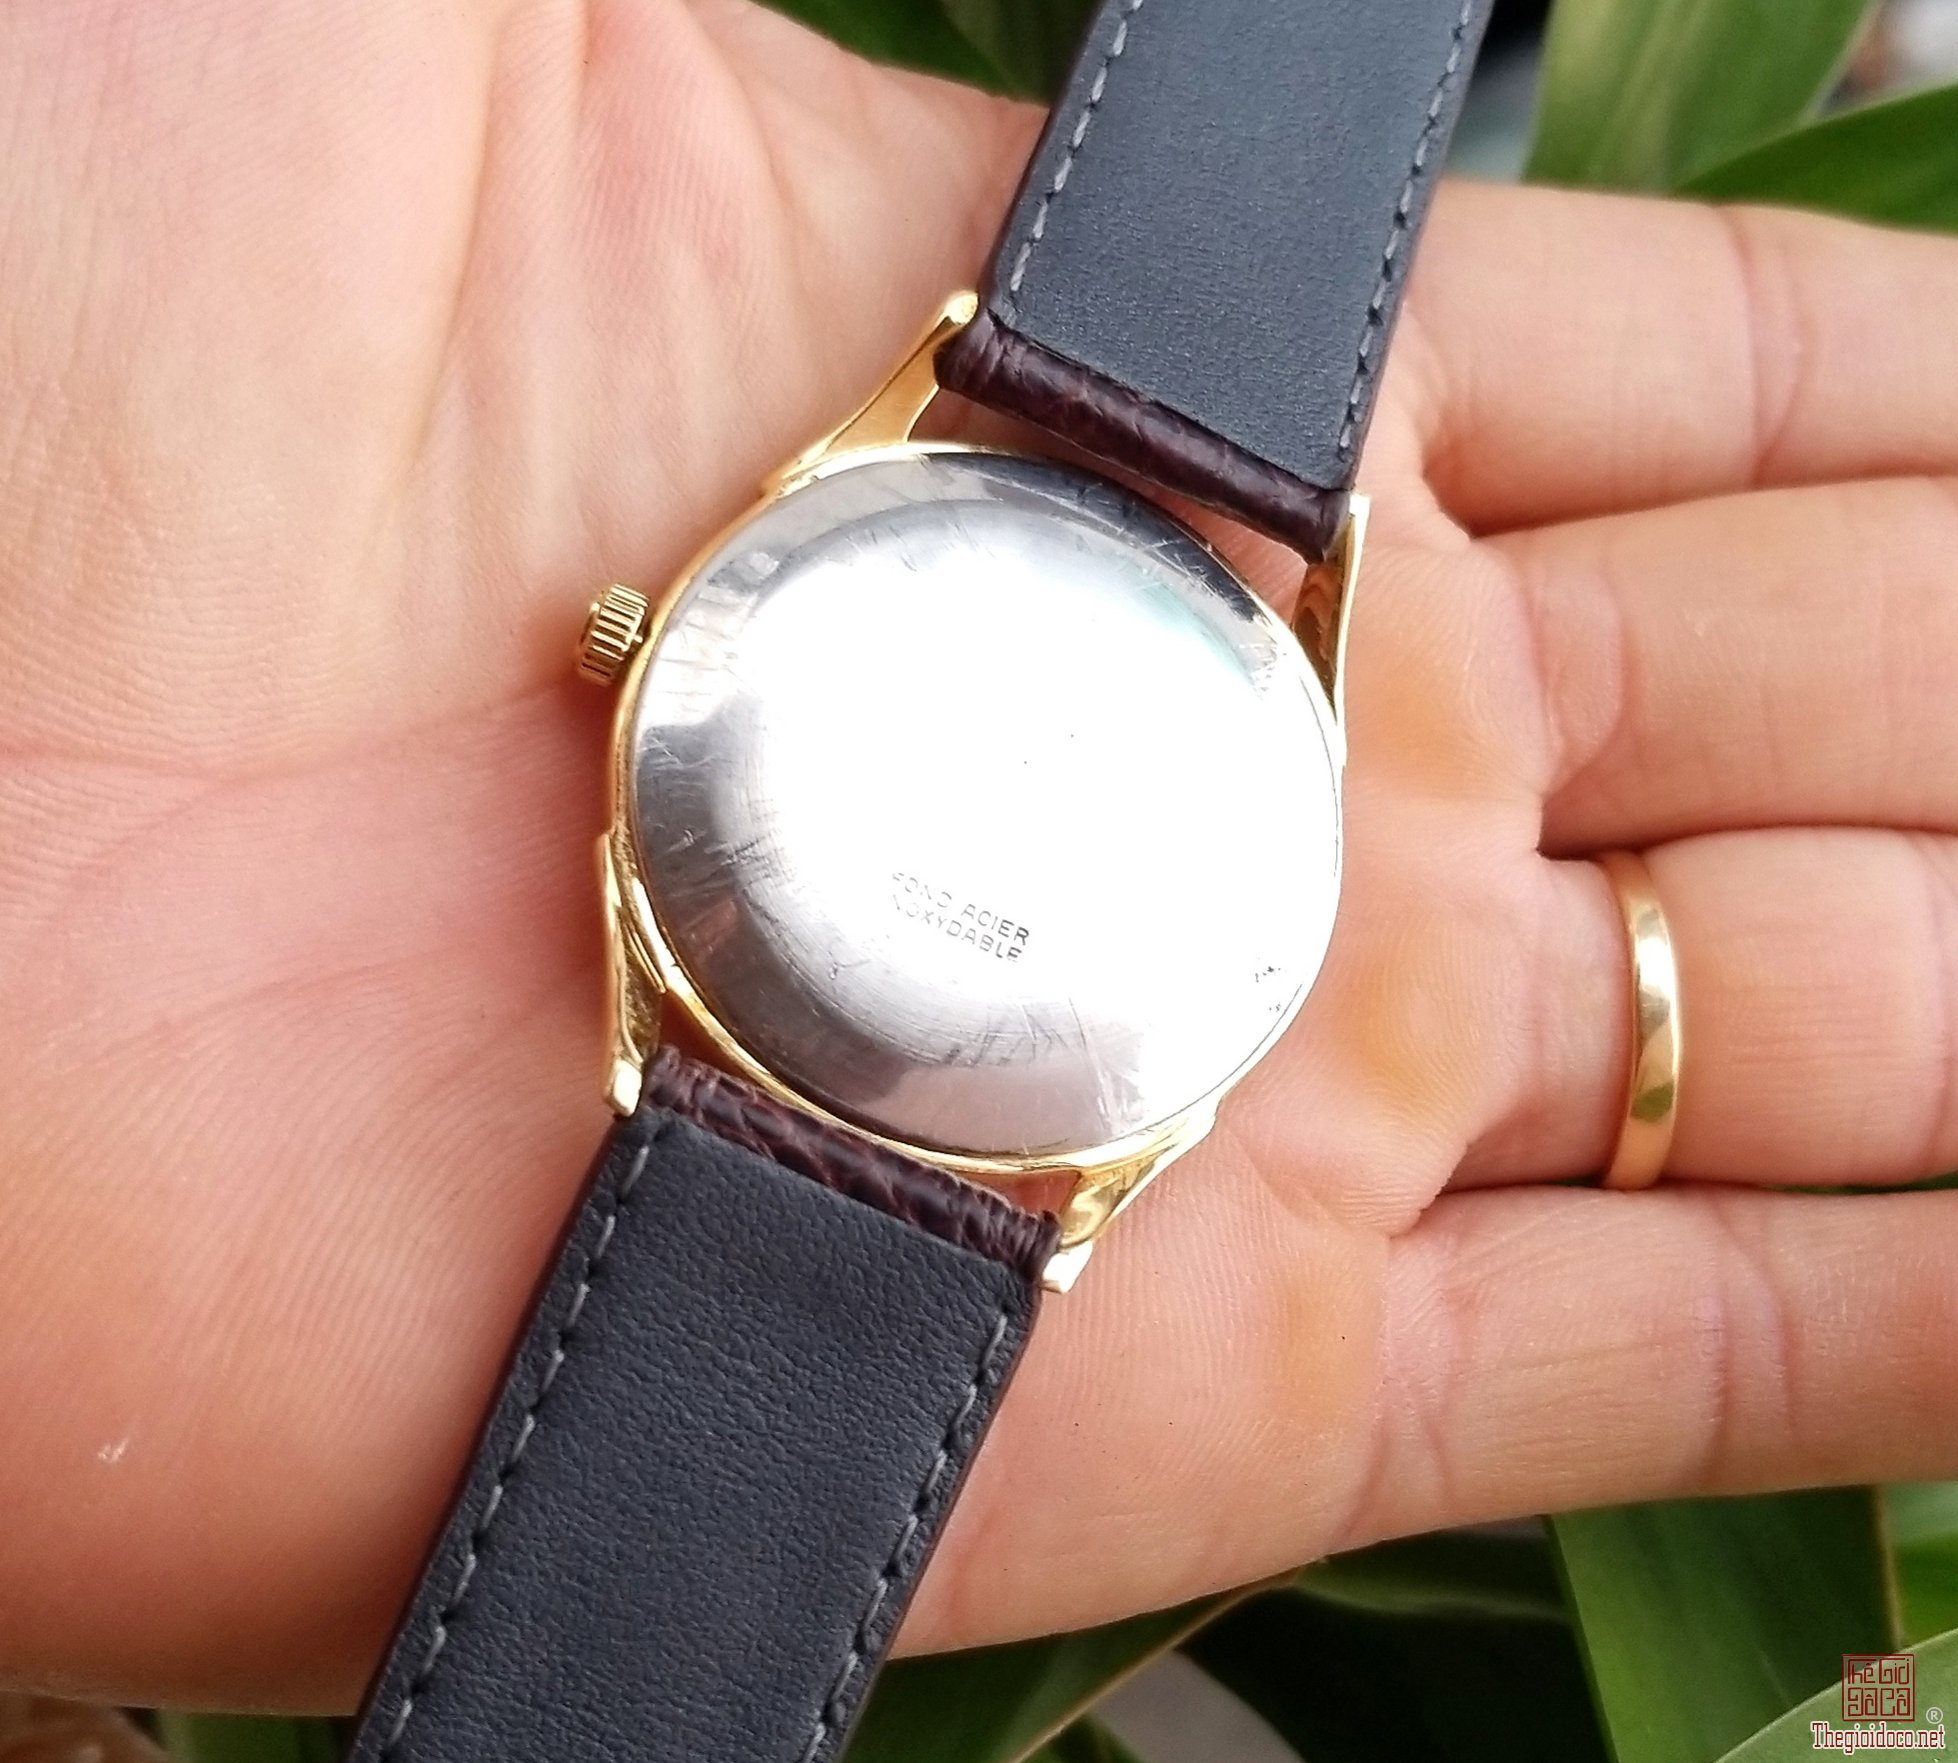 Đồng hồ xưa lên dây TELDA Thụy Sỹ